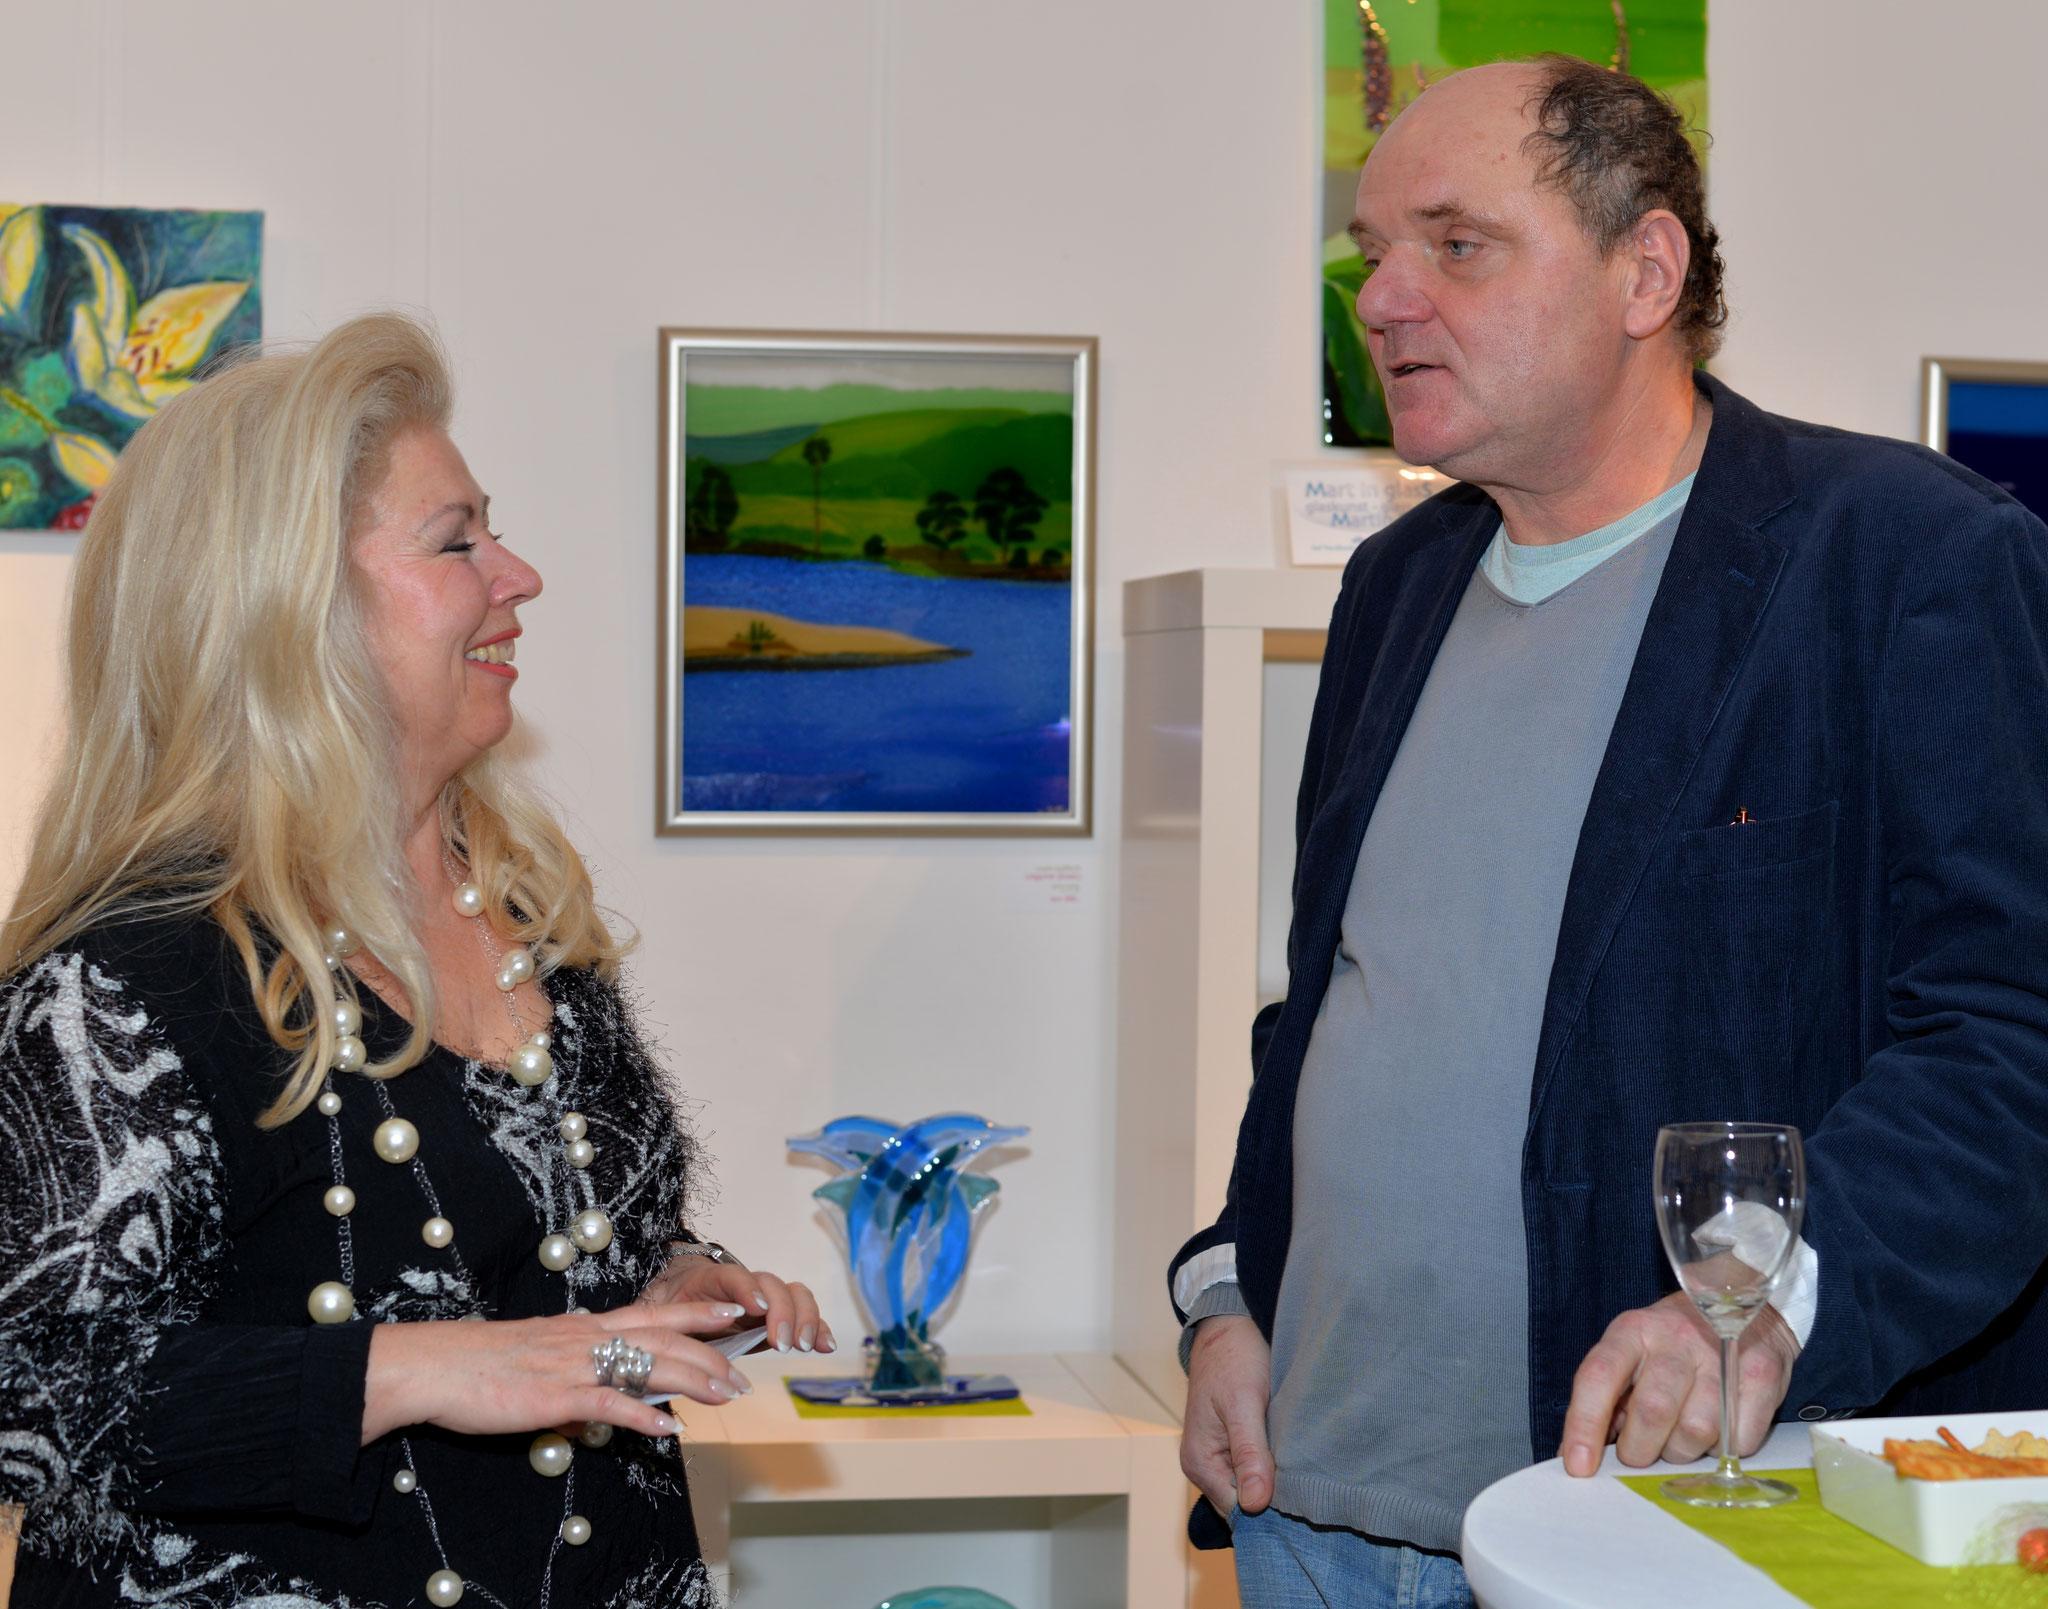 Lore Muth & Martin Suritsch